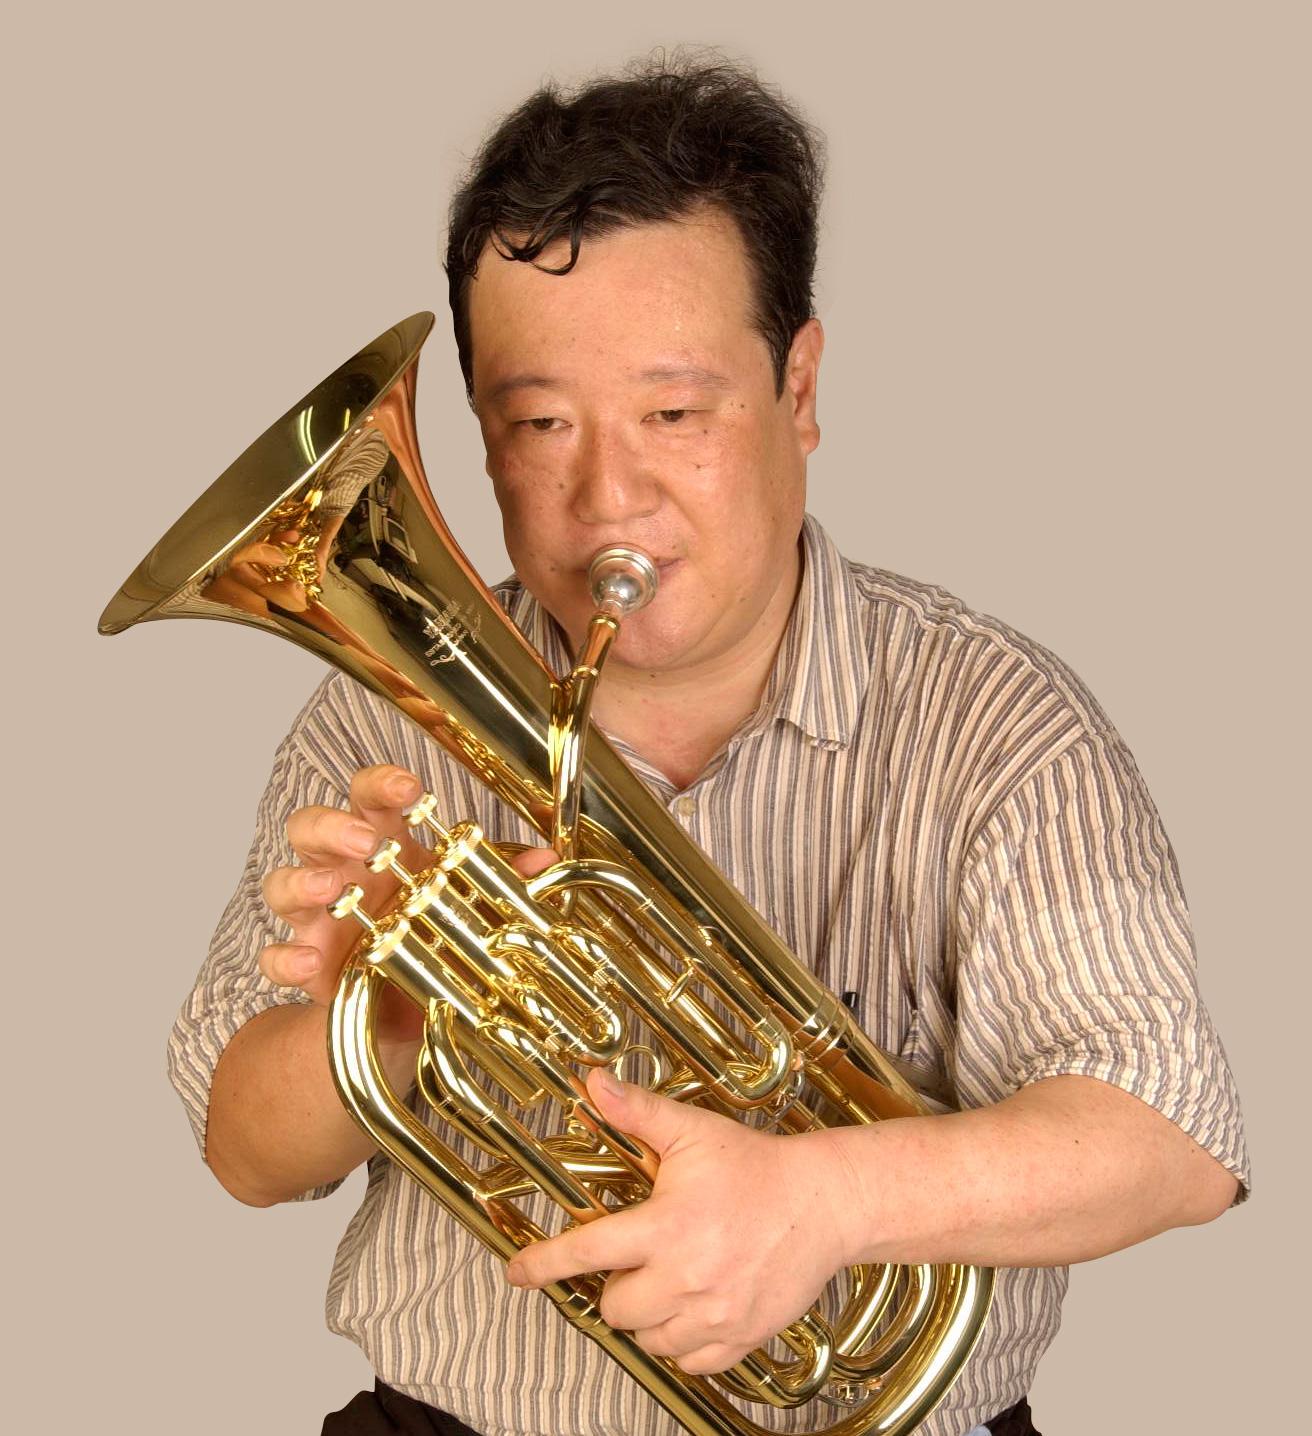 The modern baritone (also called a baritone horn)